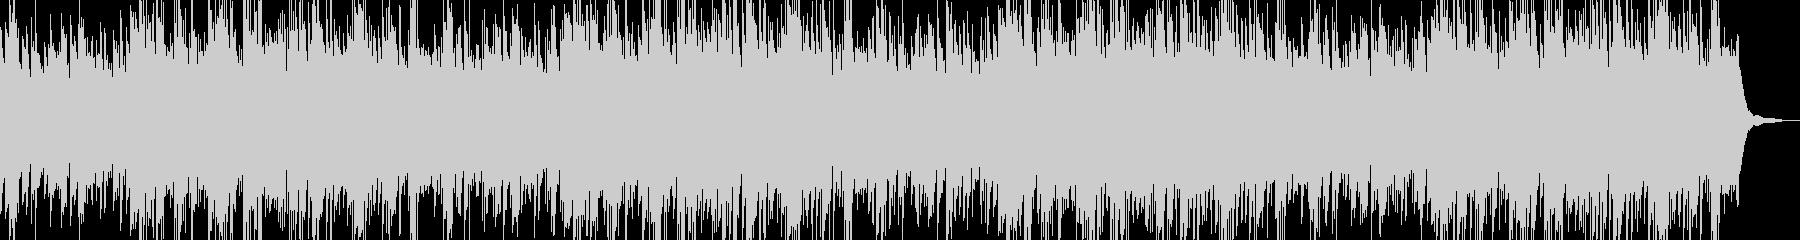 企業VP20 24bit44kHzVerの未再生の波形